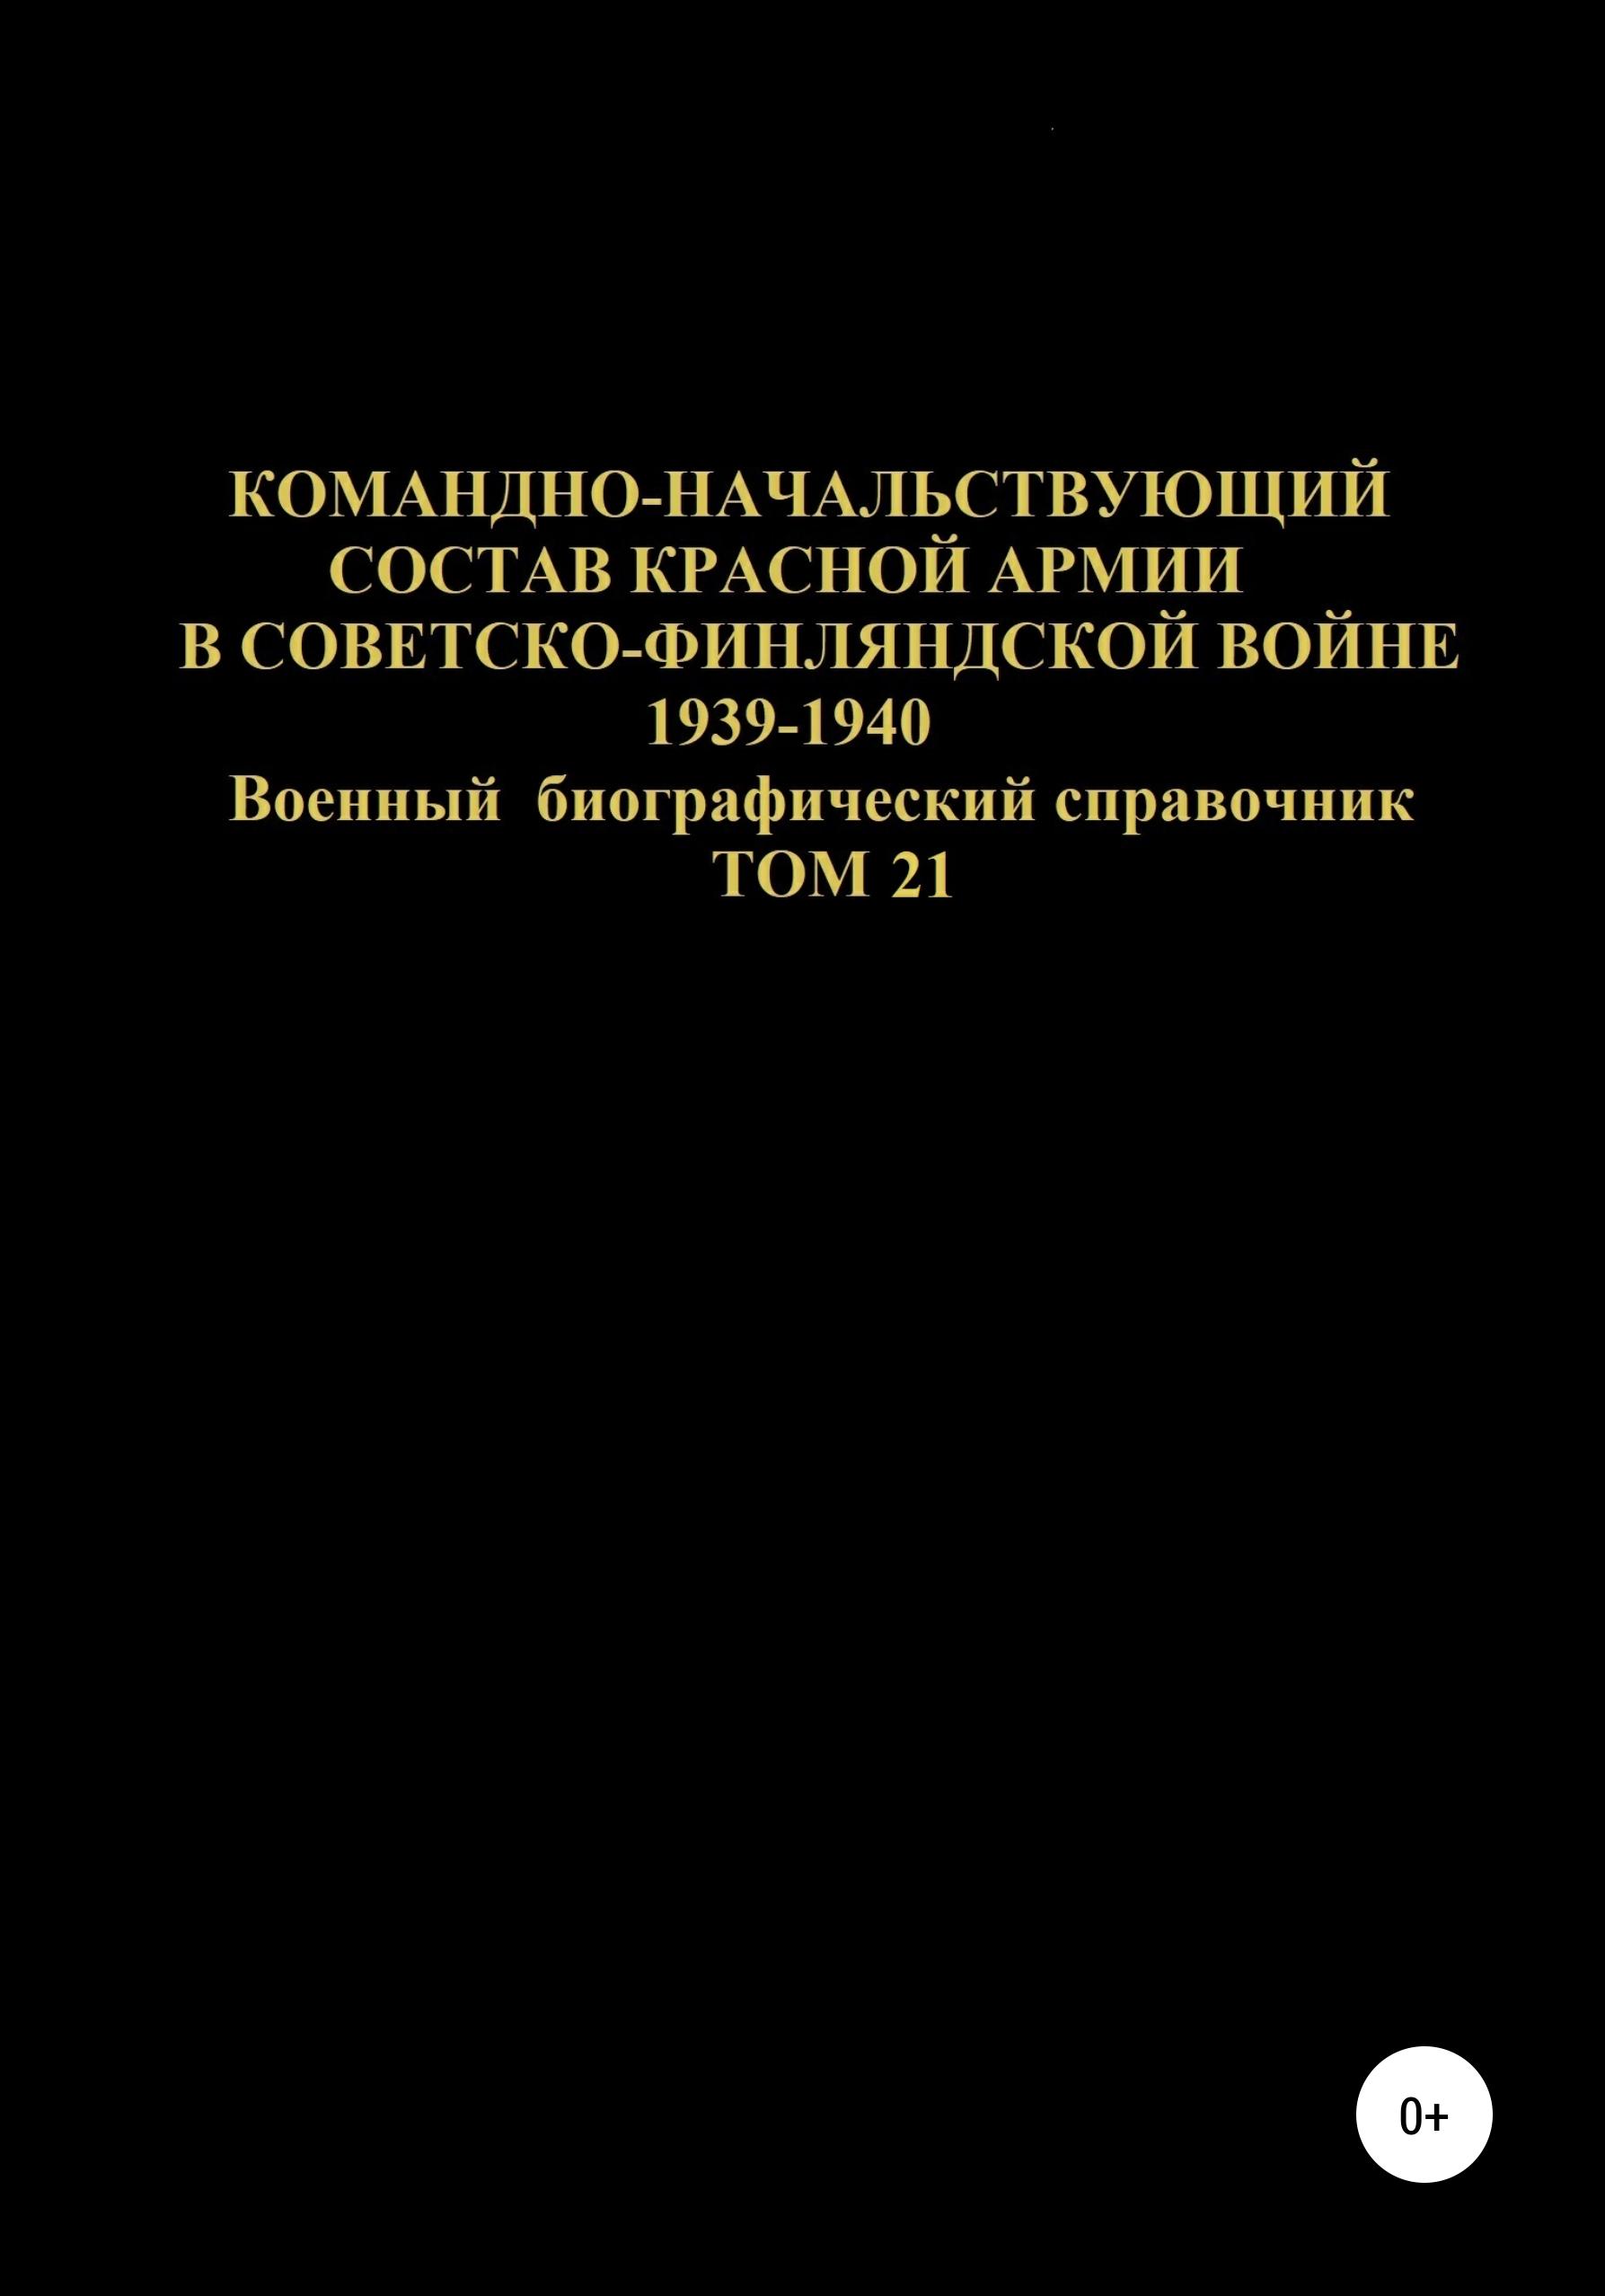 Командно-начальствующий состав Красной Армии в Советско-Финляндской войне 1939-1940 гг. Том 21